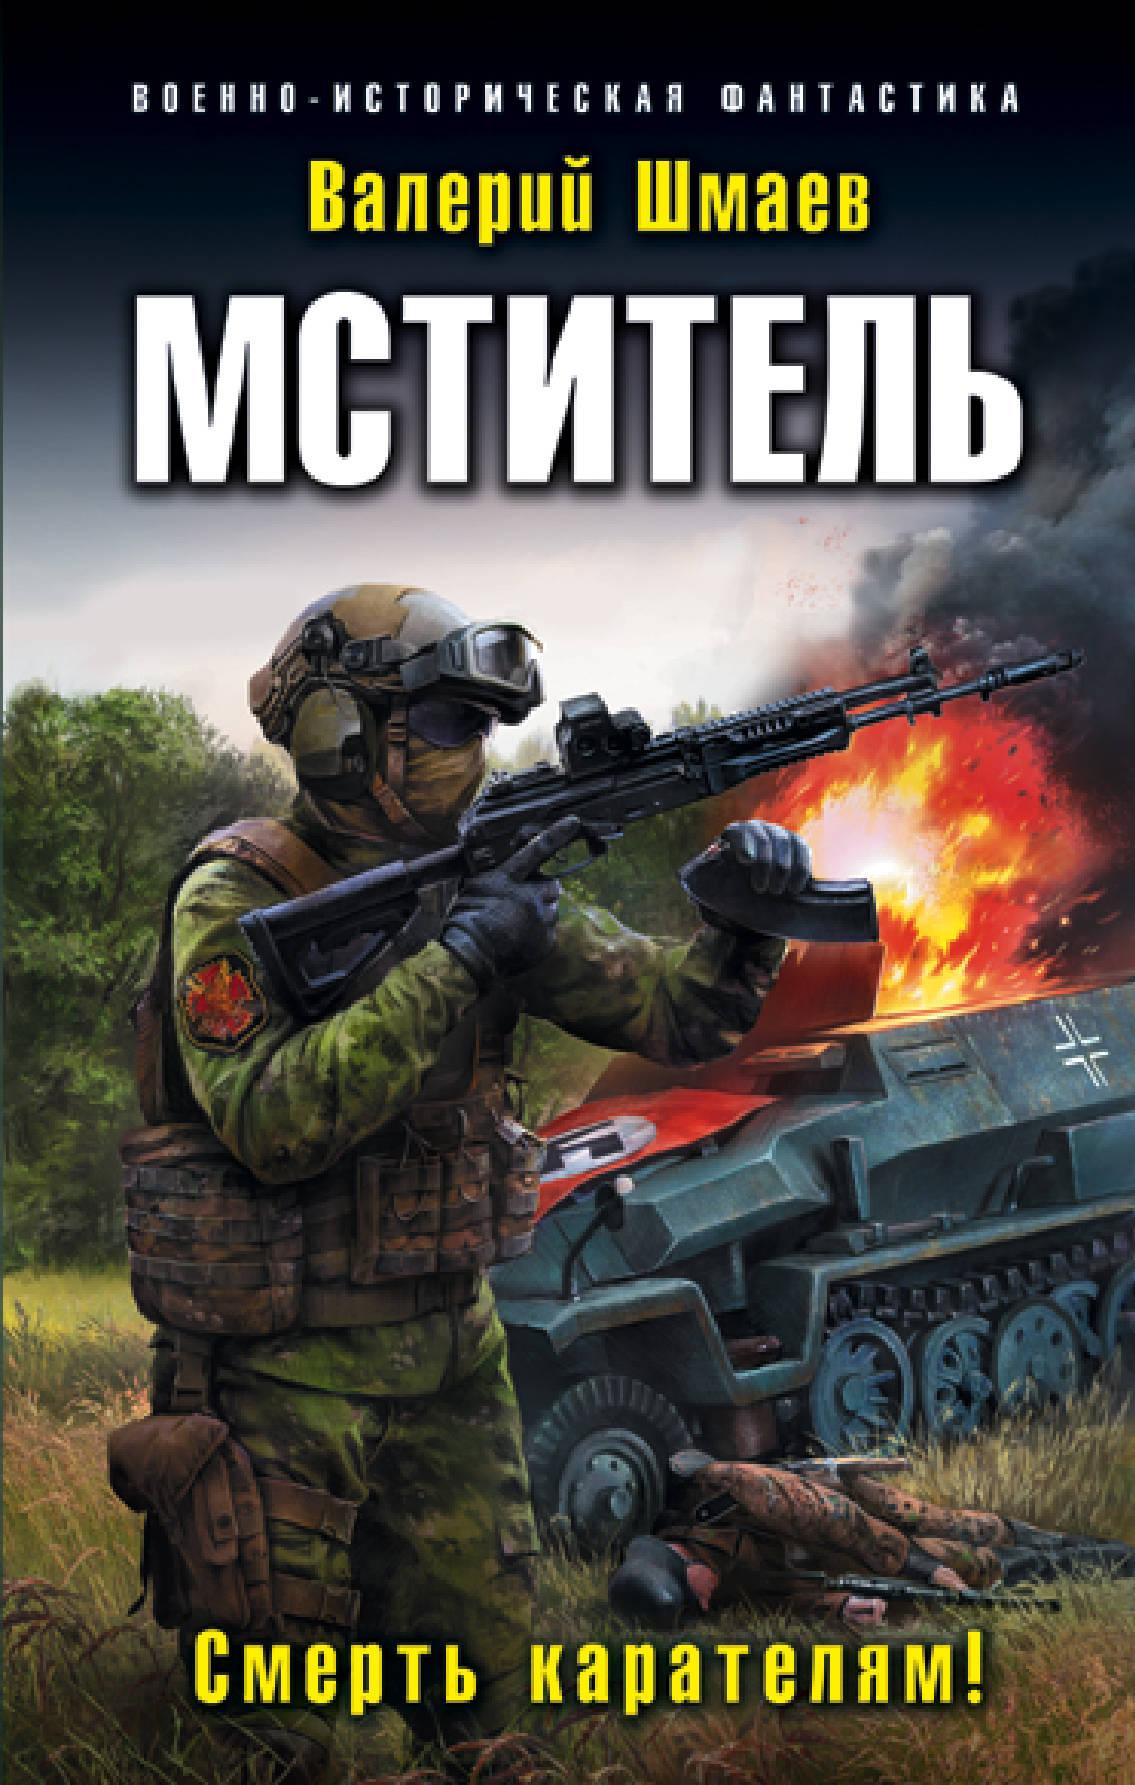 Валерий Шмаев «Мститель. Смерть карателям!»